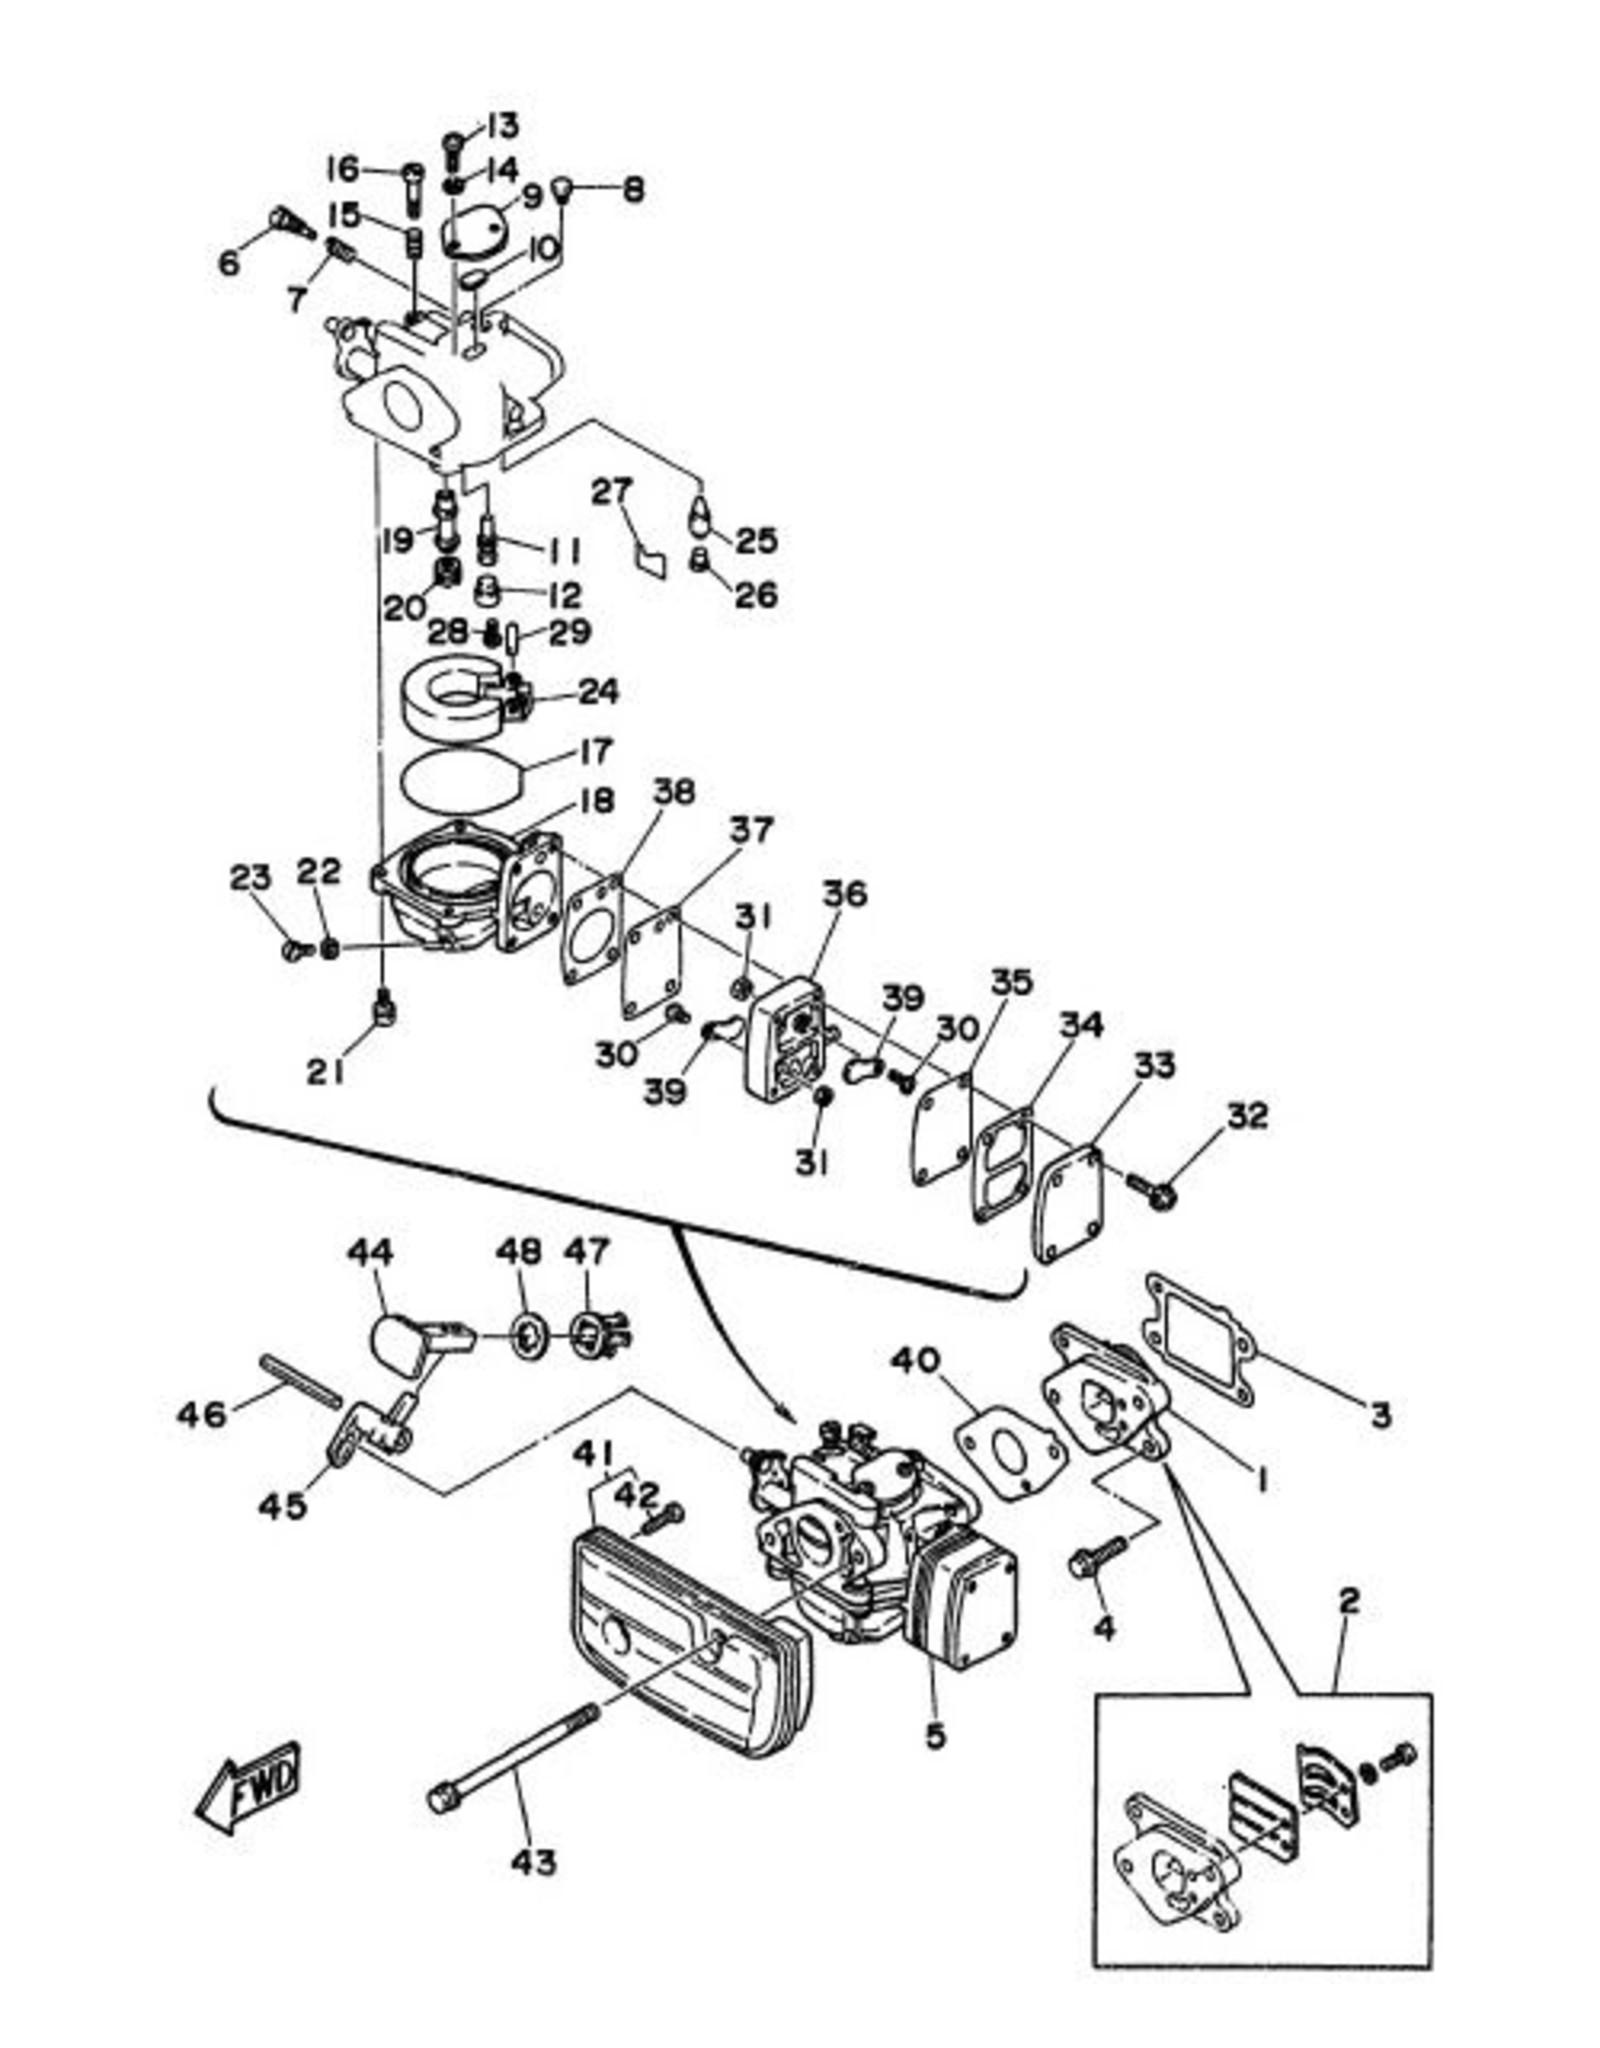 38. GASKET, FUEL PUMP 1 6G1-24431-01